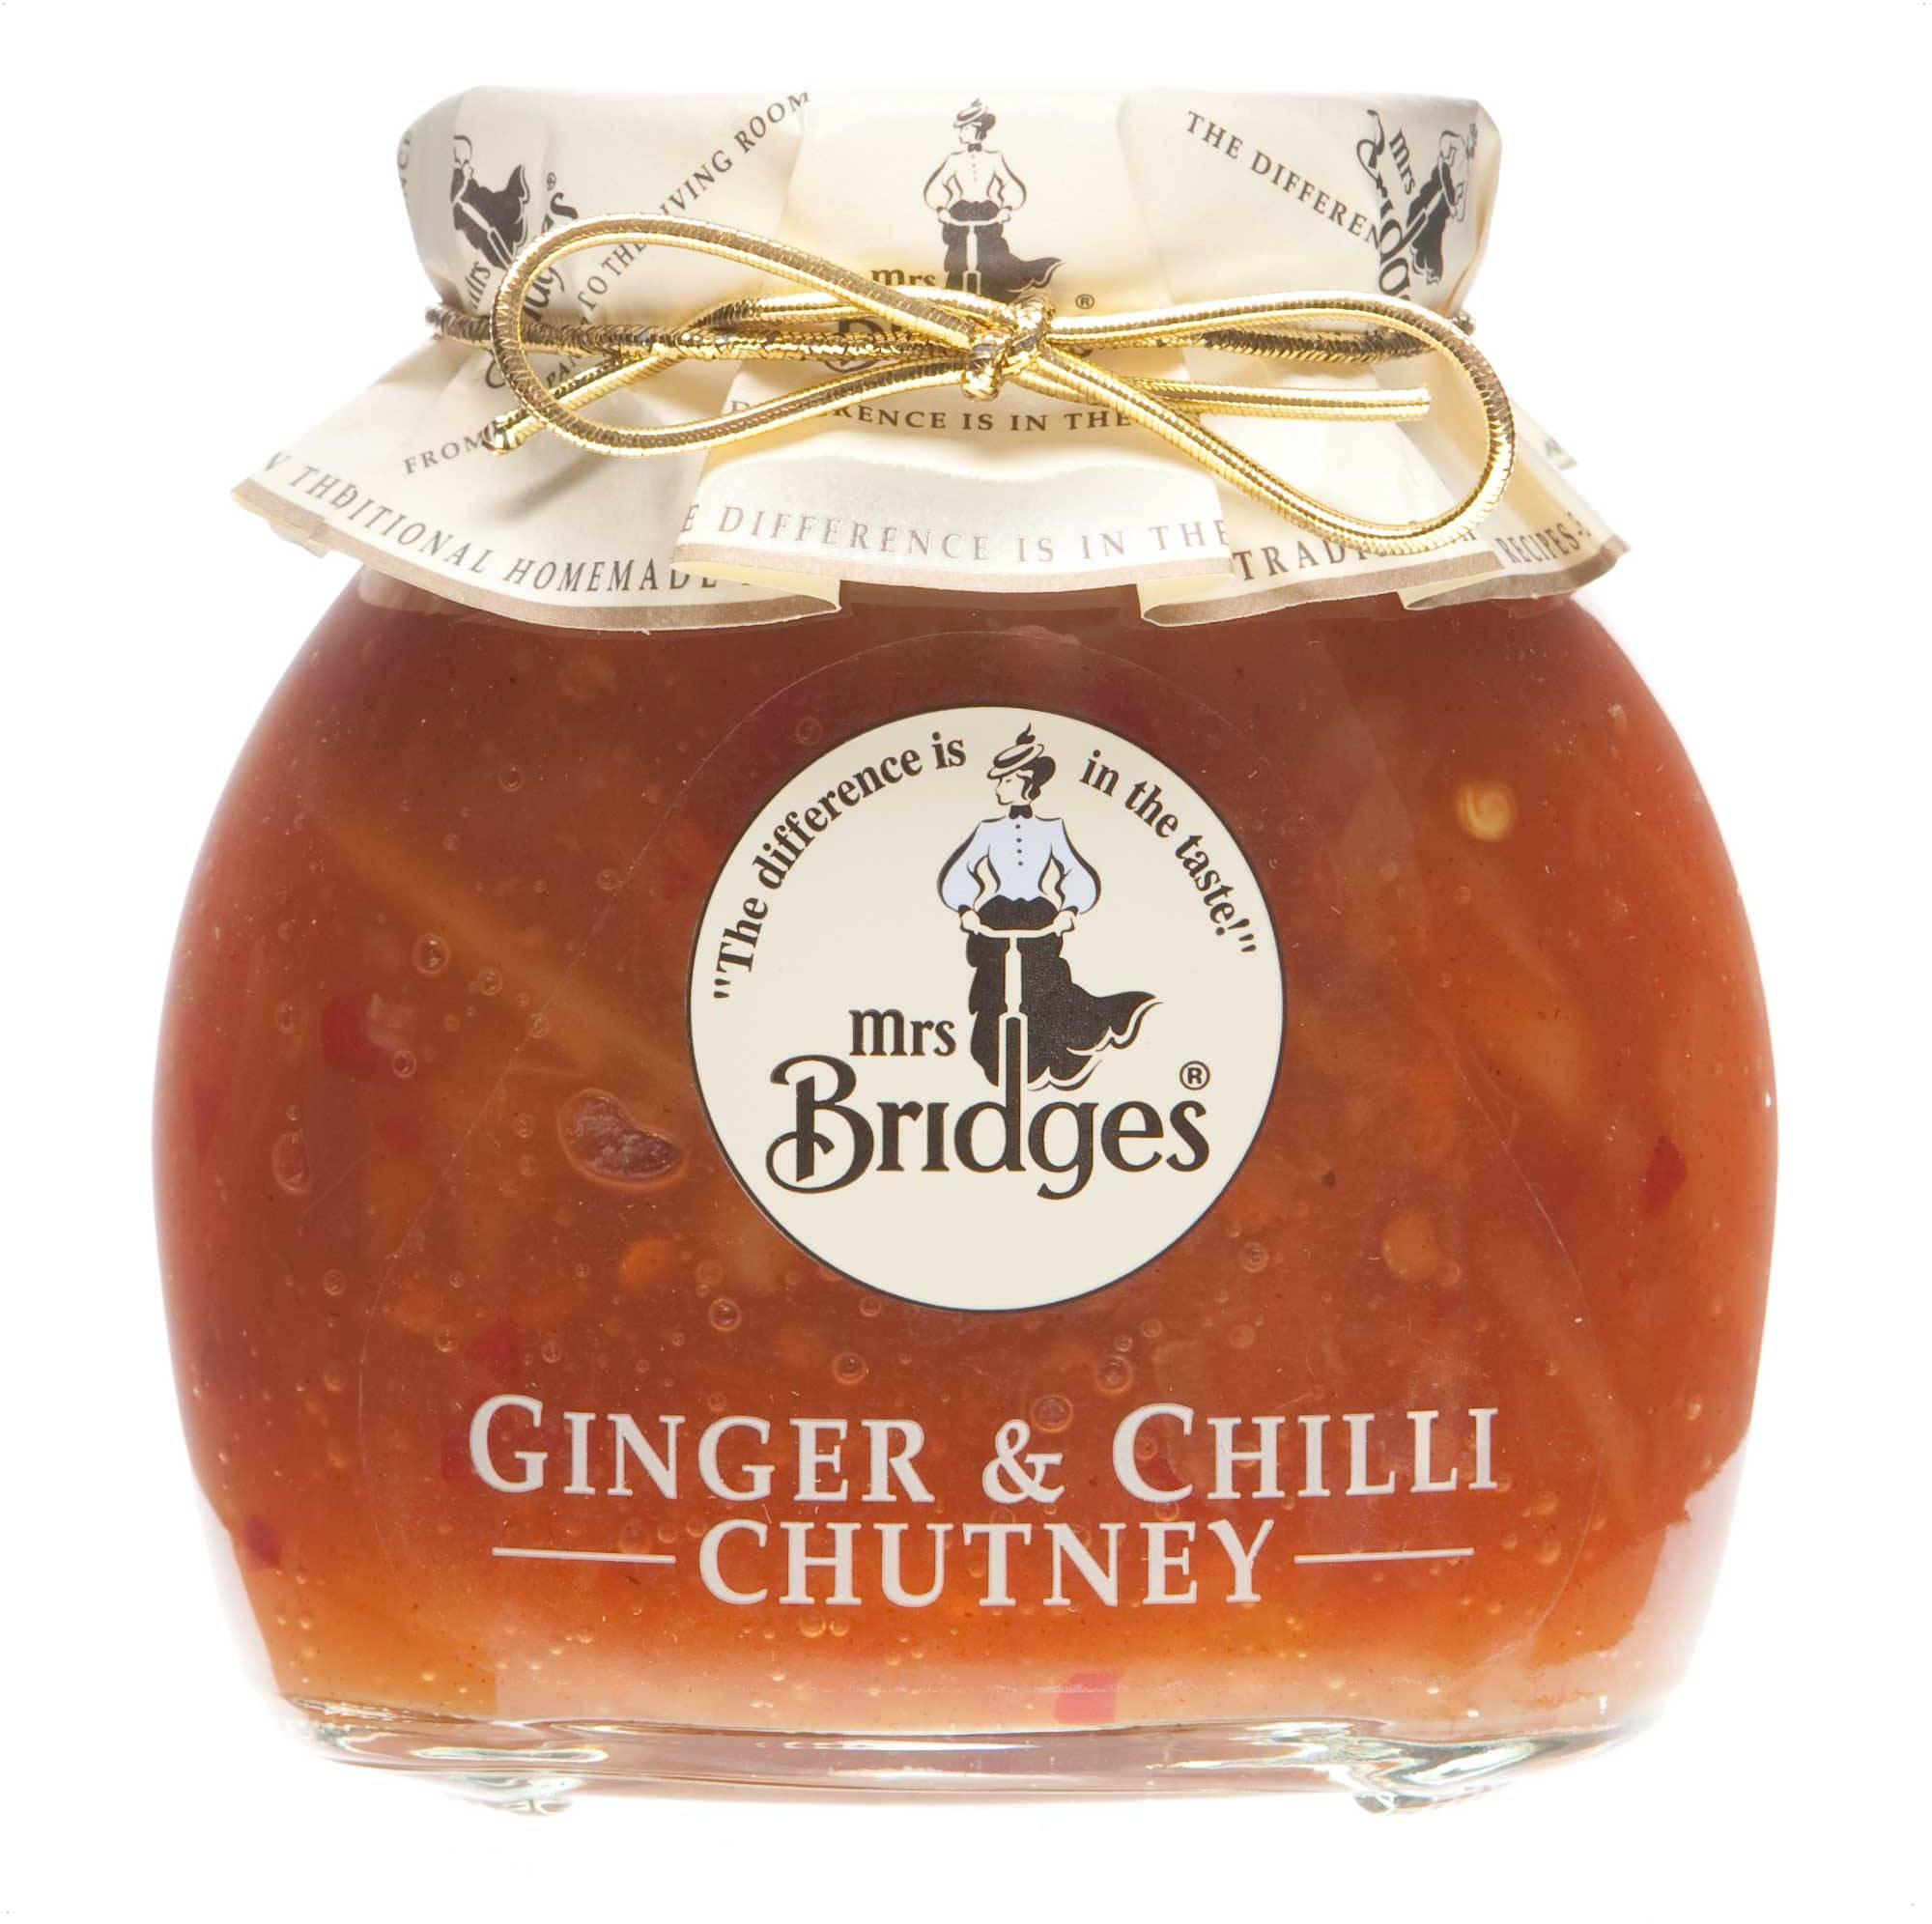 Ginger & Chilli Chutney 295g